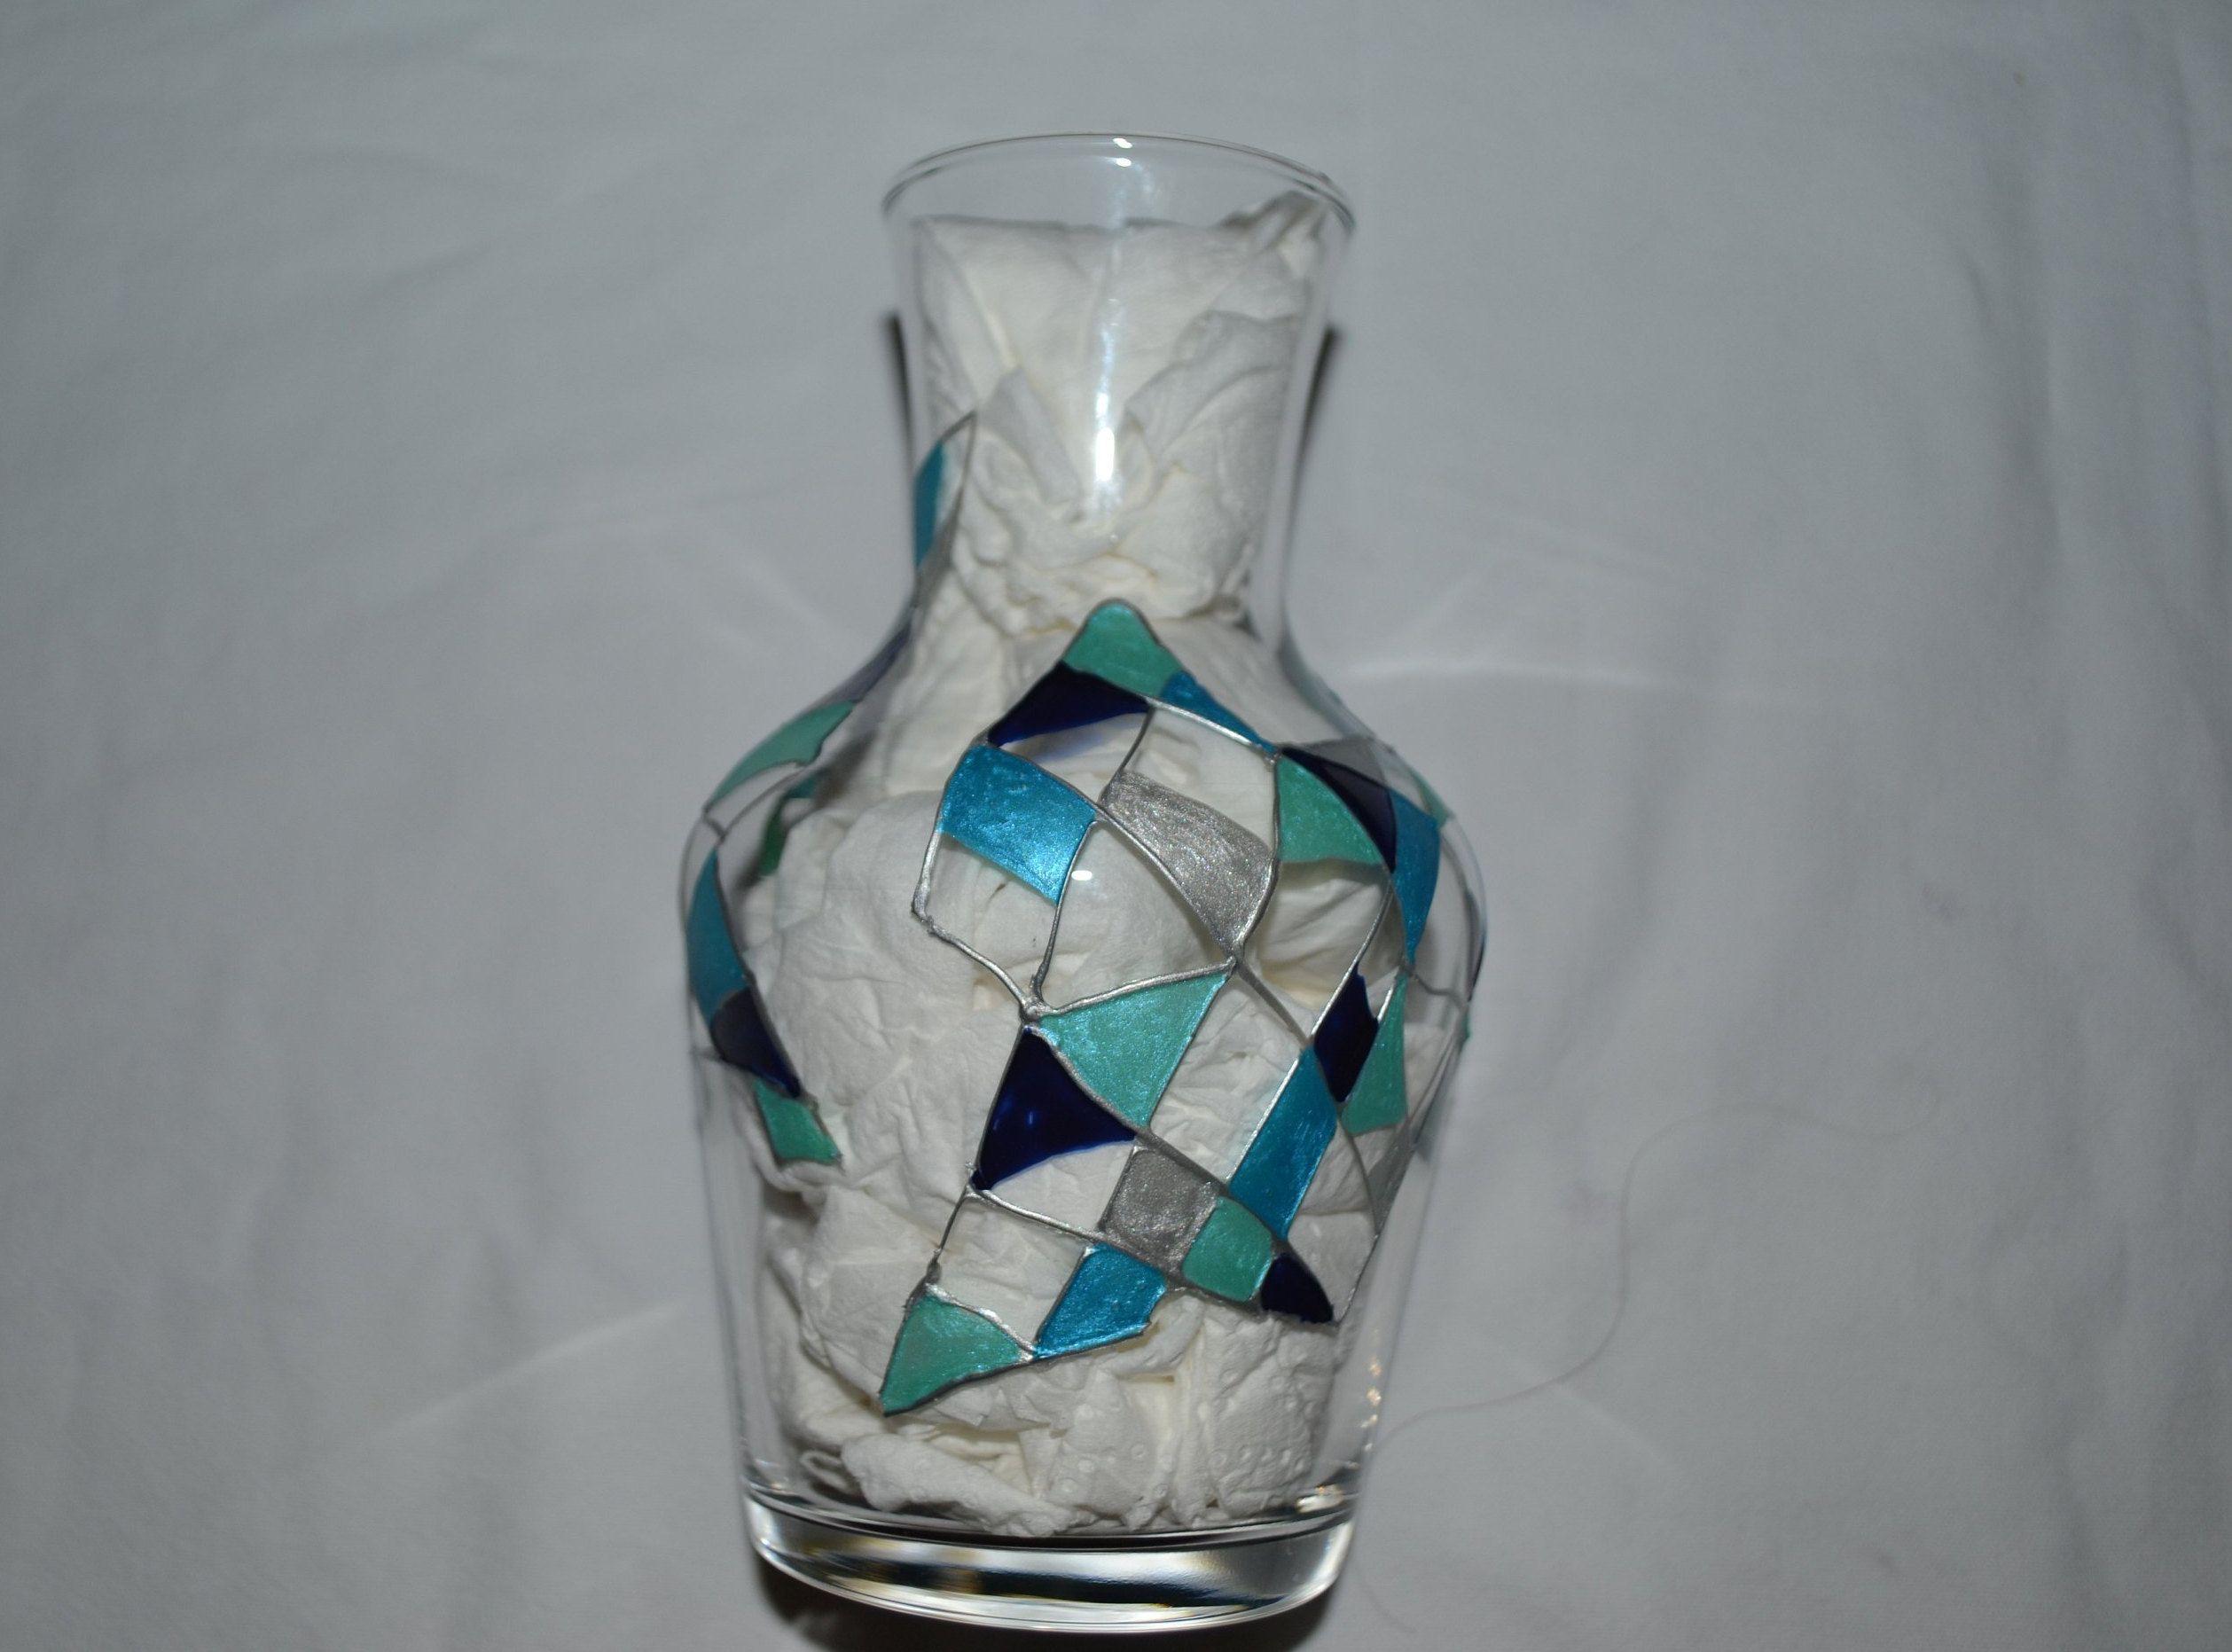 Carafe Vase En Verre Peint Motifs Graphiques Bleu Turquoise Vase Vitrail Vase Couleur Carafe Decoree Vase Bleu Peinture Sur Verre Opaleisis Avec Images Vases Bleus Vase Verre Vases Peints